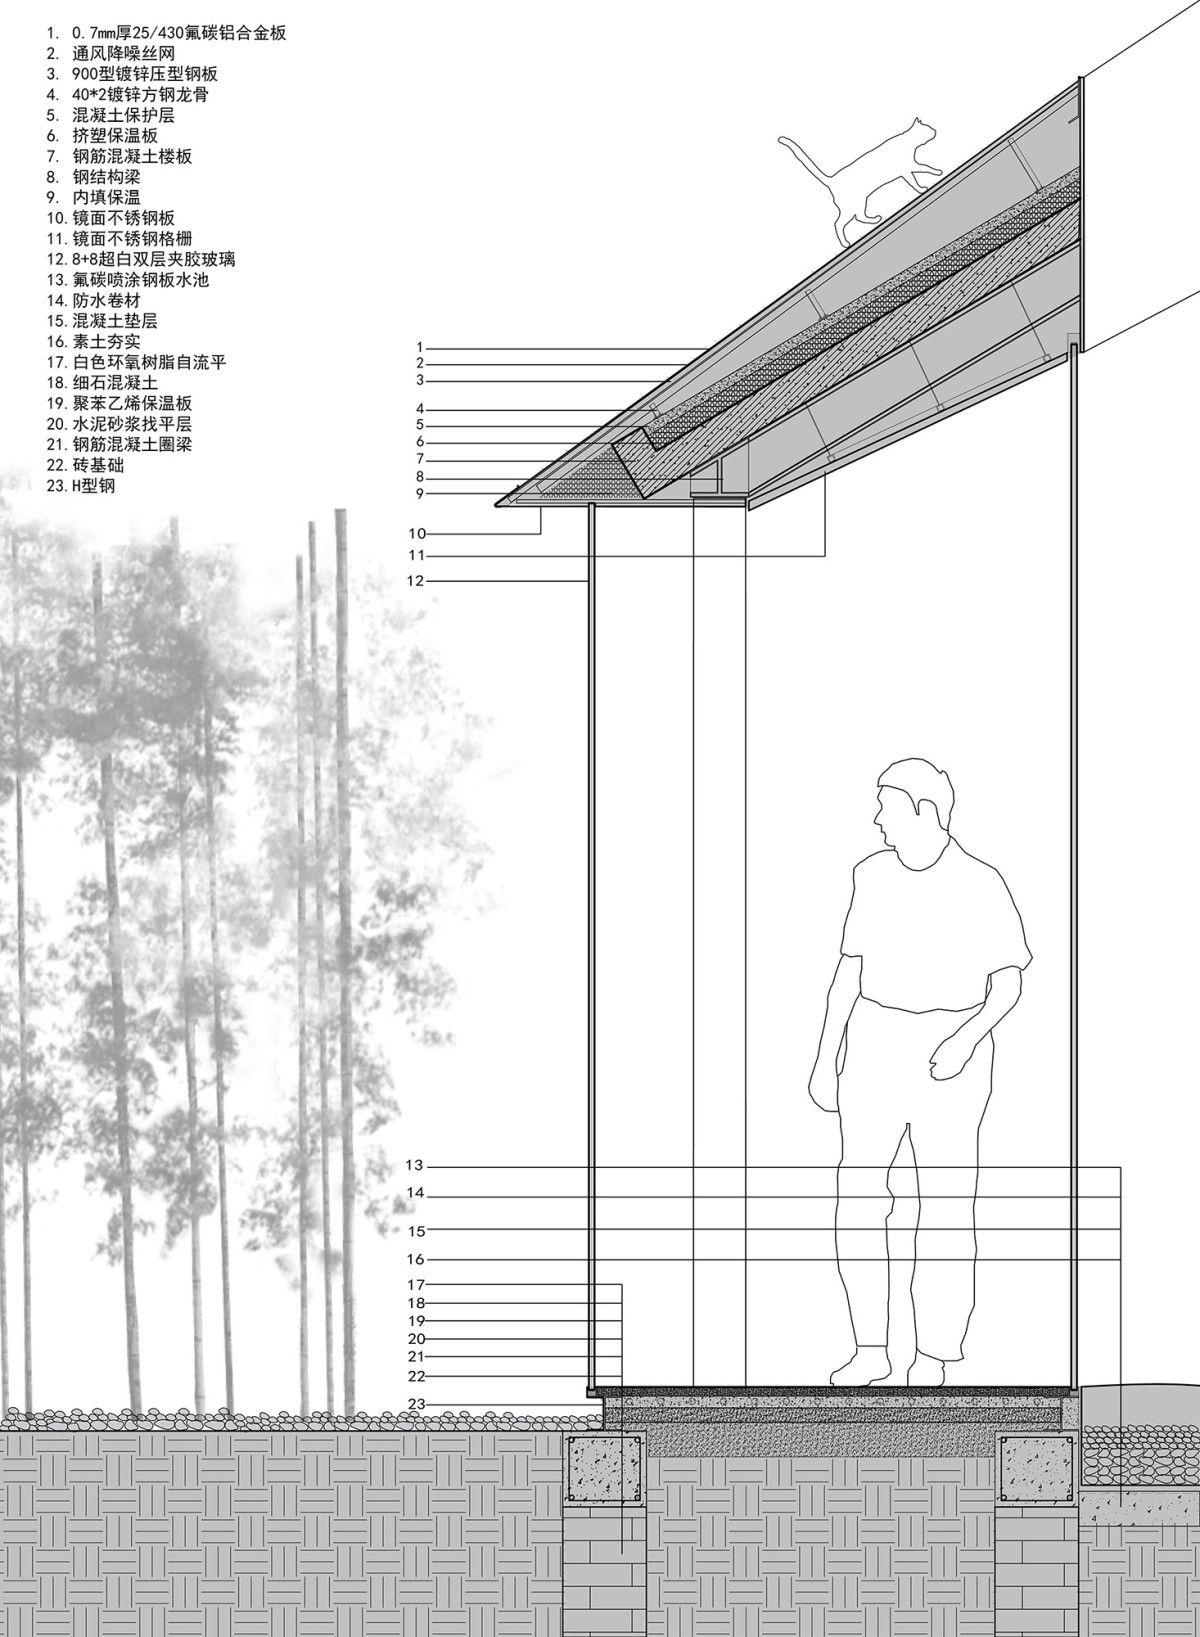 U00a9 Archstudio